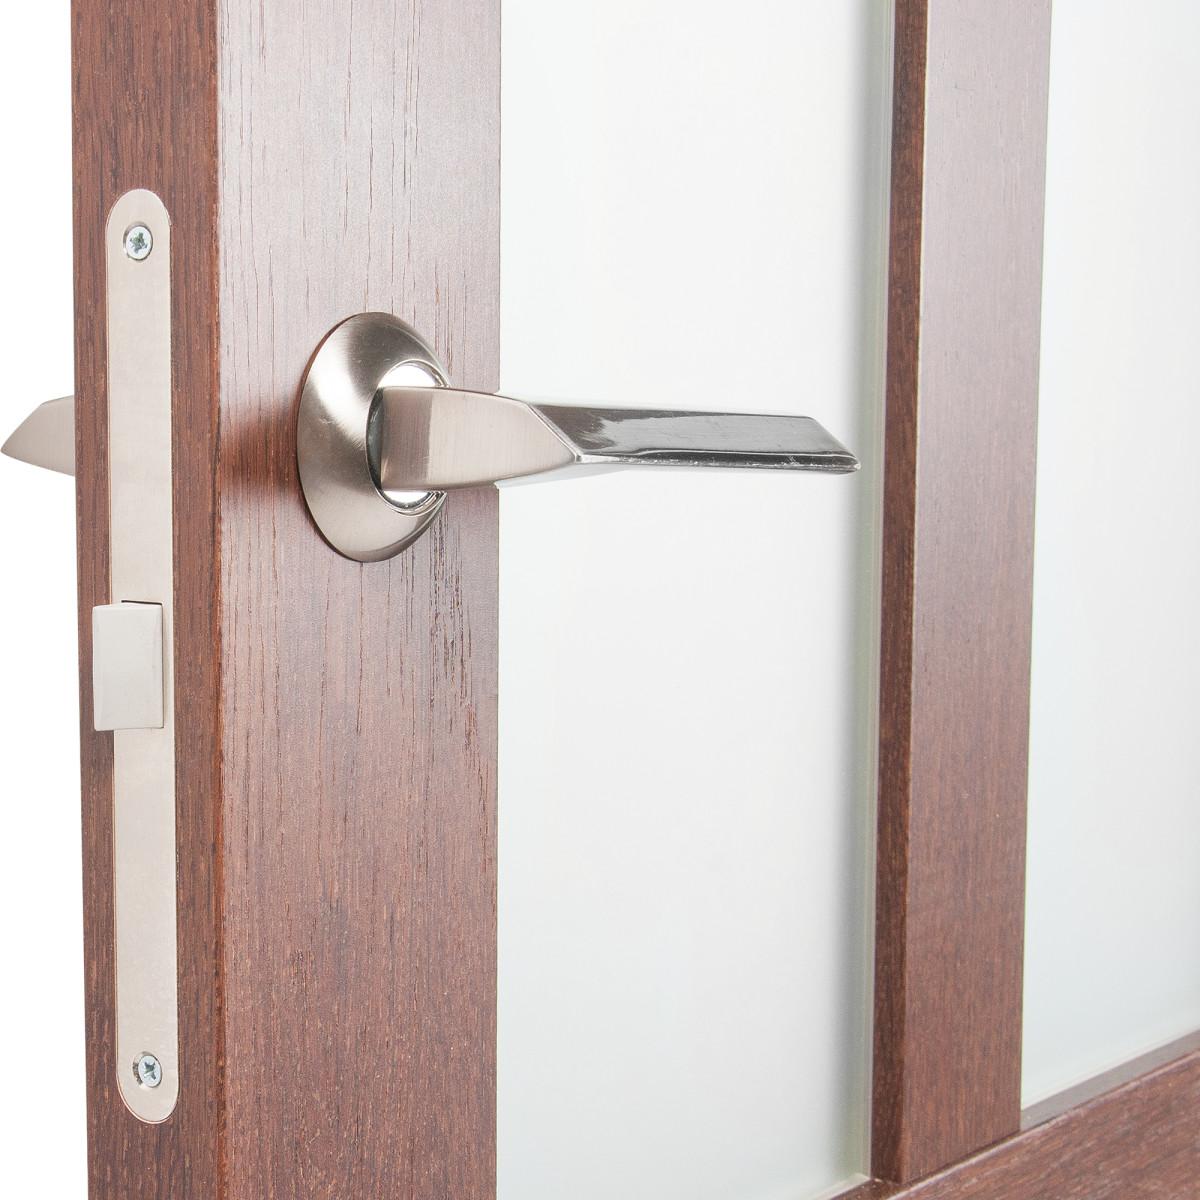 Дверь Межкомнатная Остеклённая Кантри 70x200 Пвх Цвет Дуб Сан-Томе С Фурнитурой